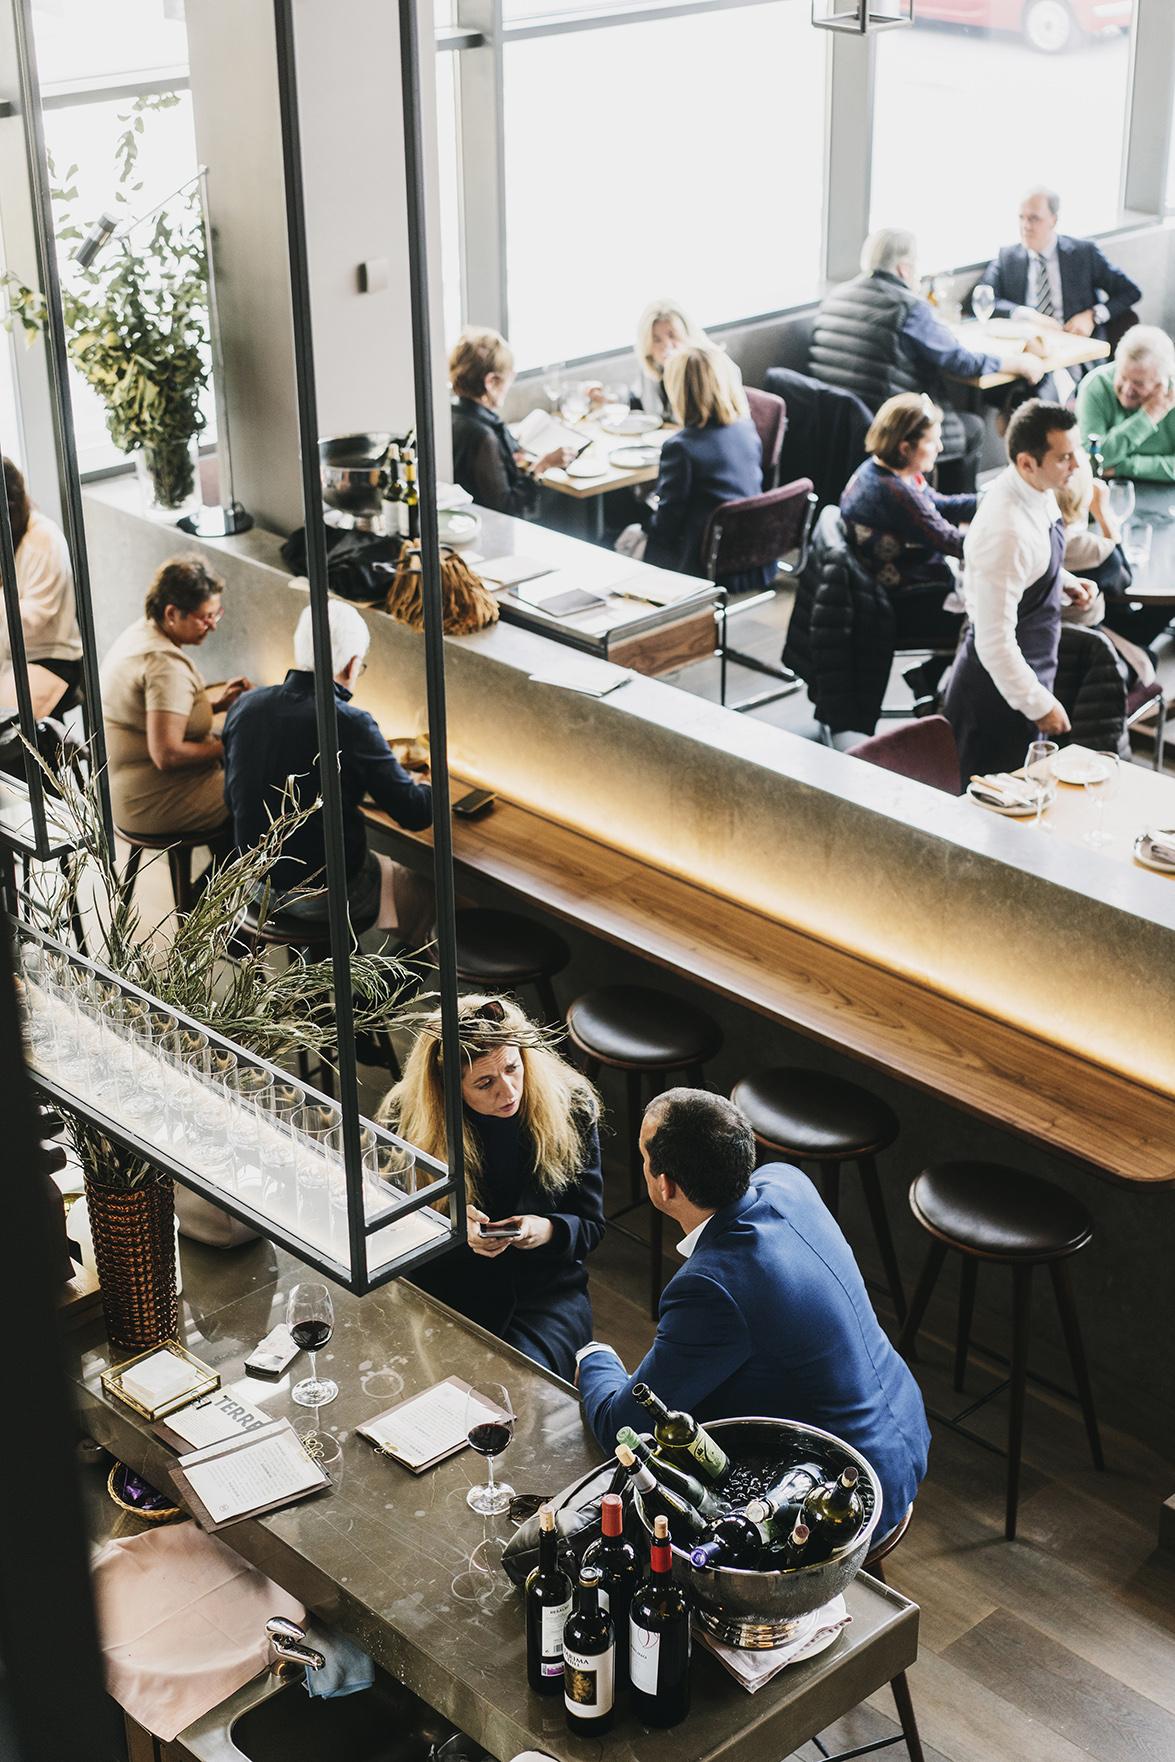 restaurante_terre_grupo_murri_tarruella_trenchs_studio__foto_salva_lopez_5